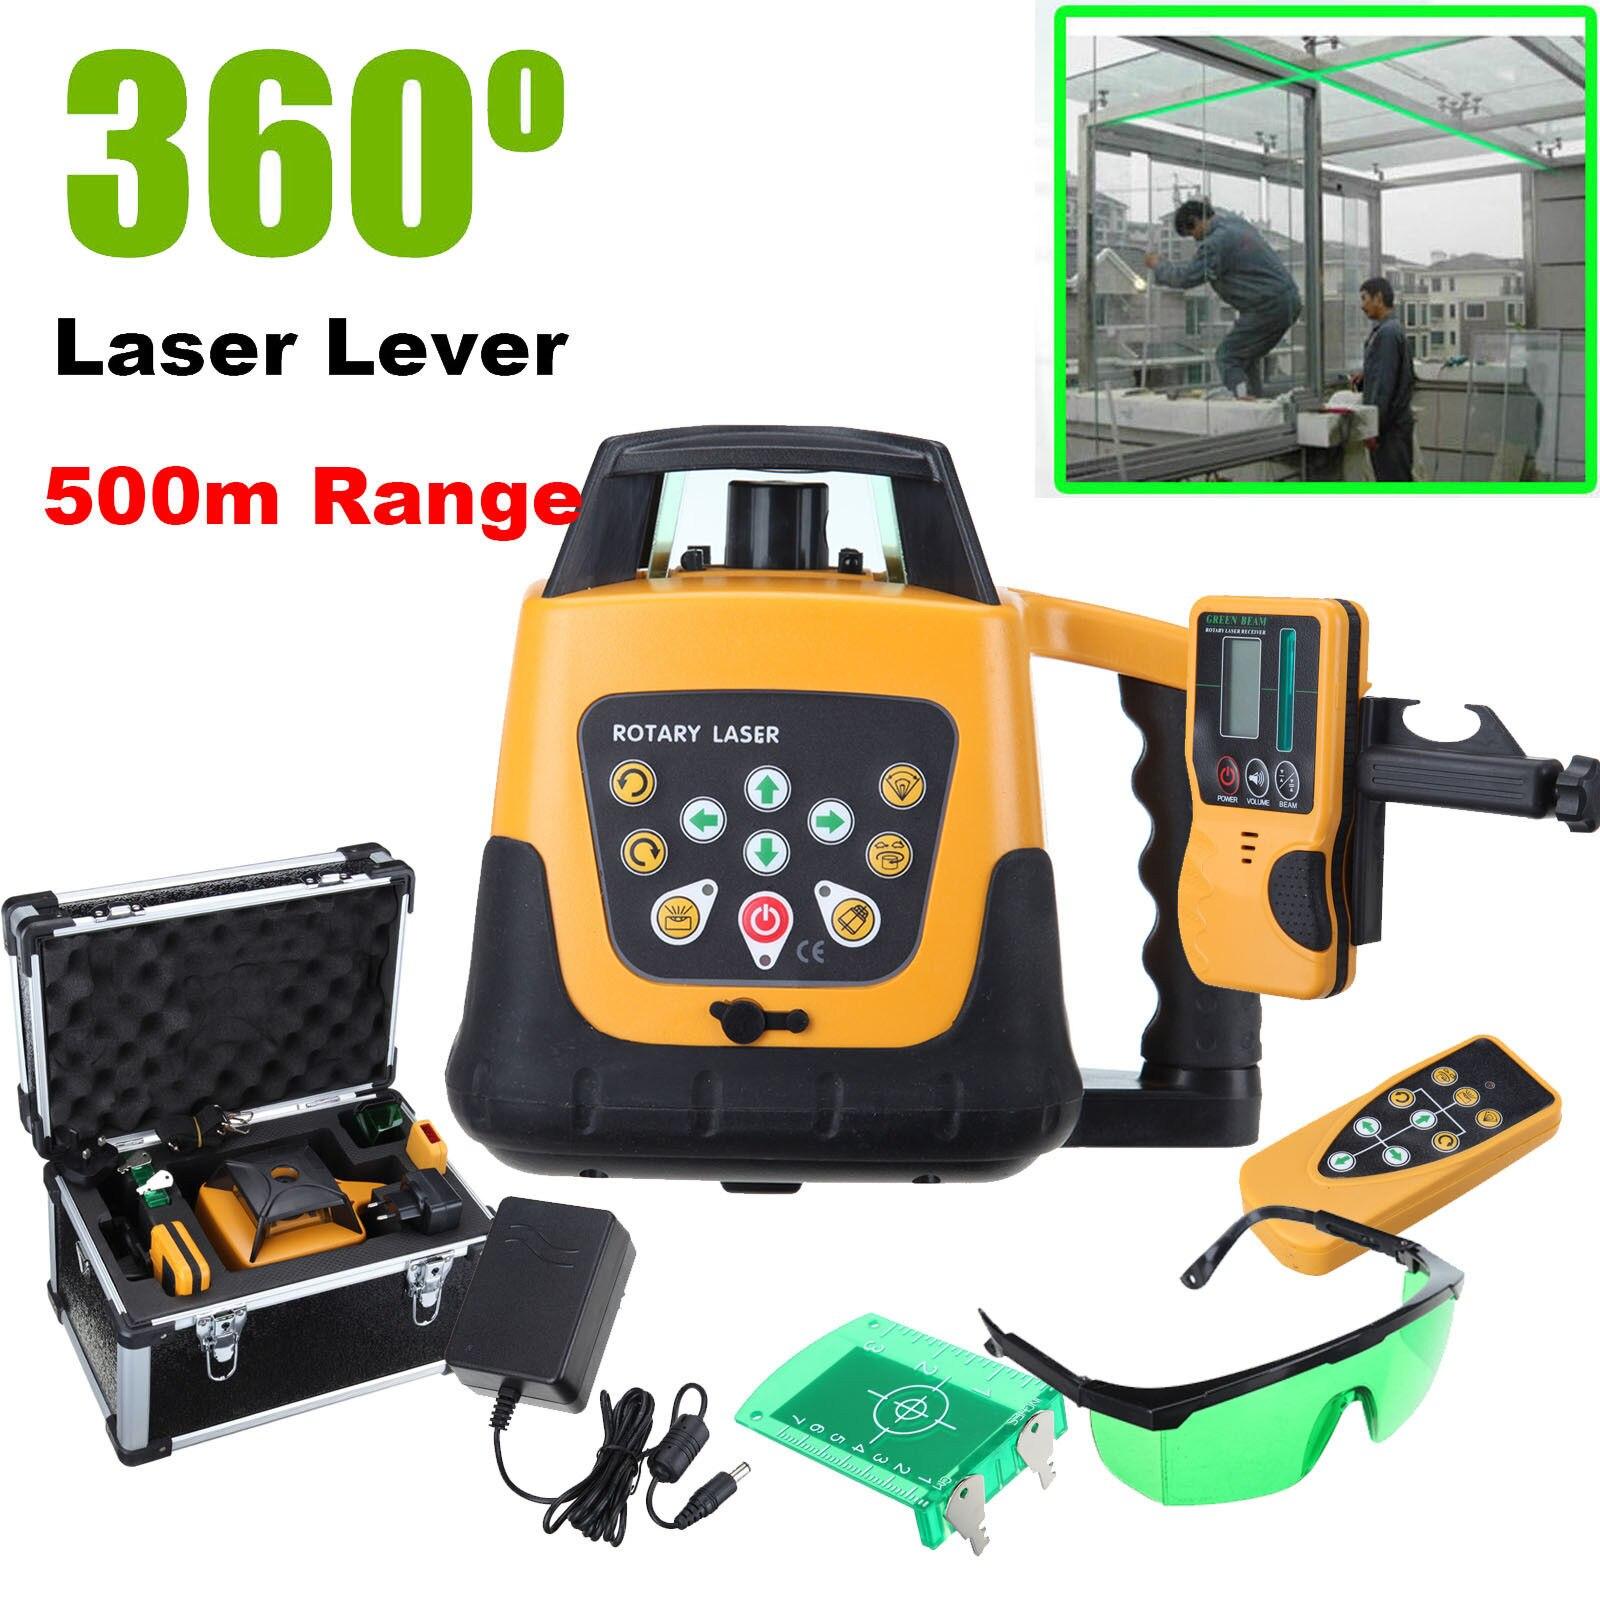 Auto-nivelamento rotativo/rotativo laser verde nível kit com caso 500 m gama